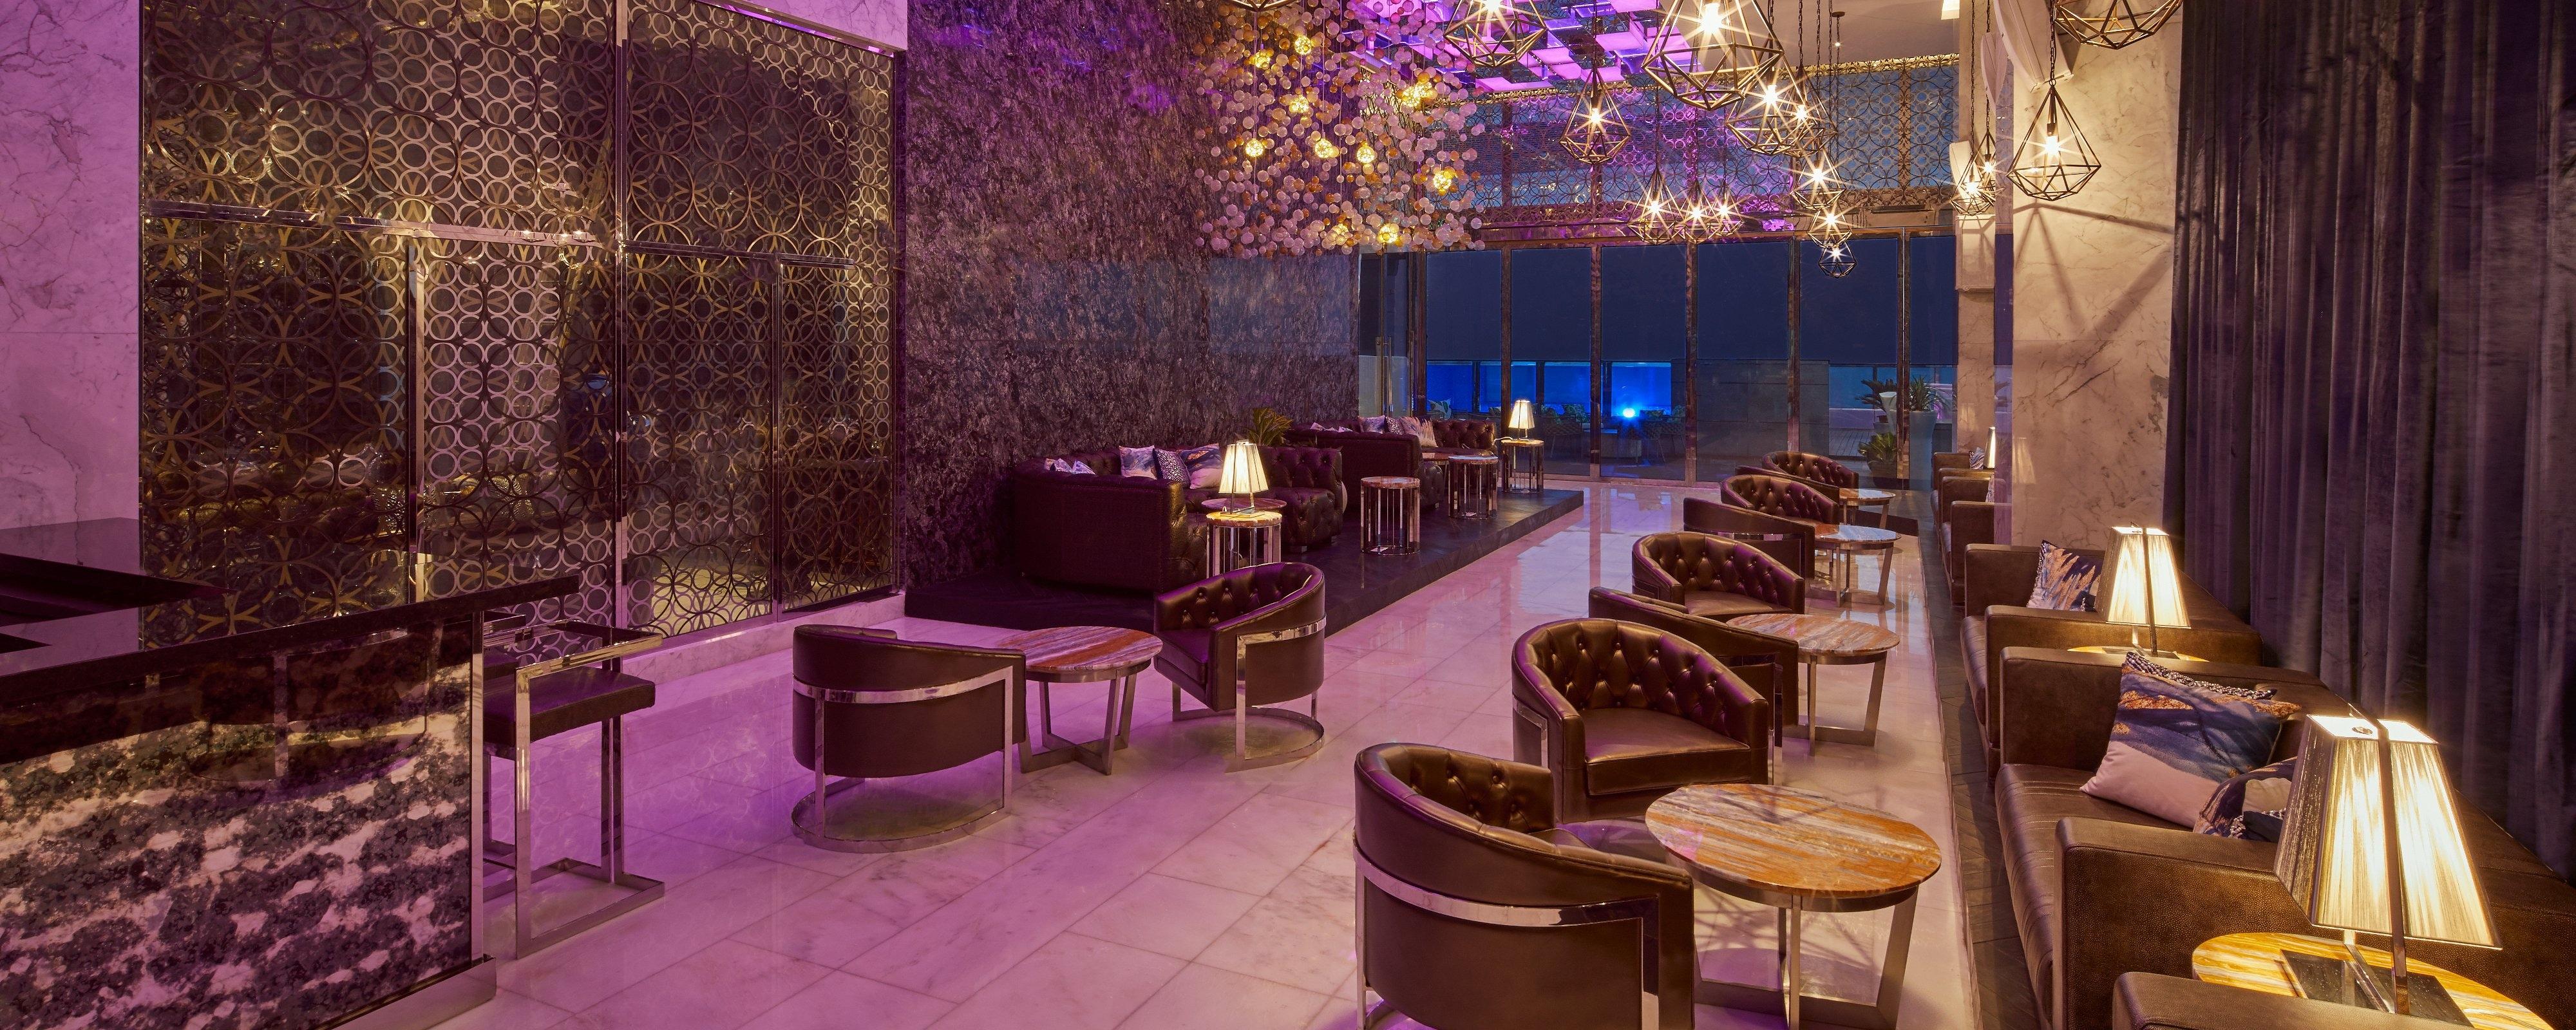 Restaurants In Gulshan Renaissance Dhaka Gulshan Hotel